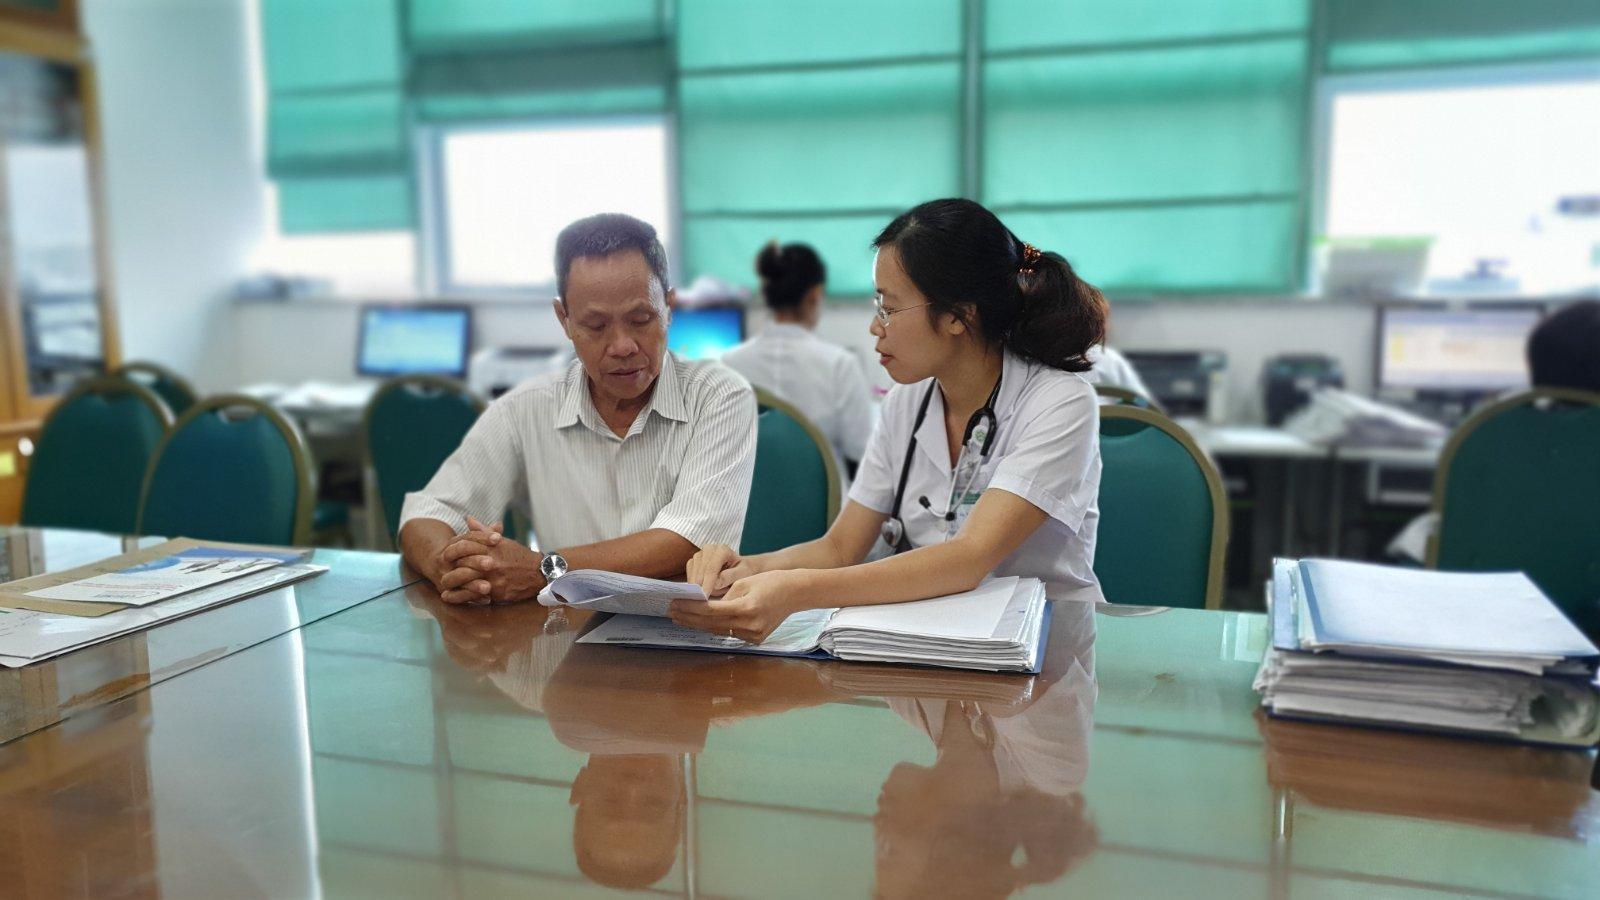 Ghép tế bào gốc điều trị bệnh phổi tắc nghẽn mạn tính cho kết quả khả quan Ảnh 1